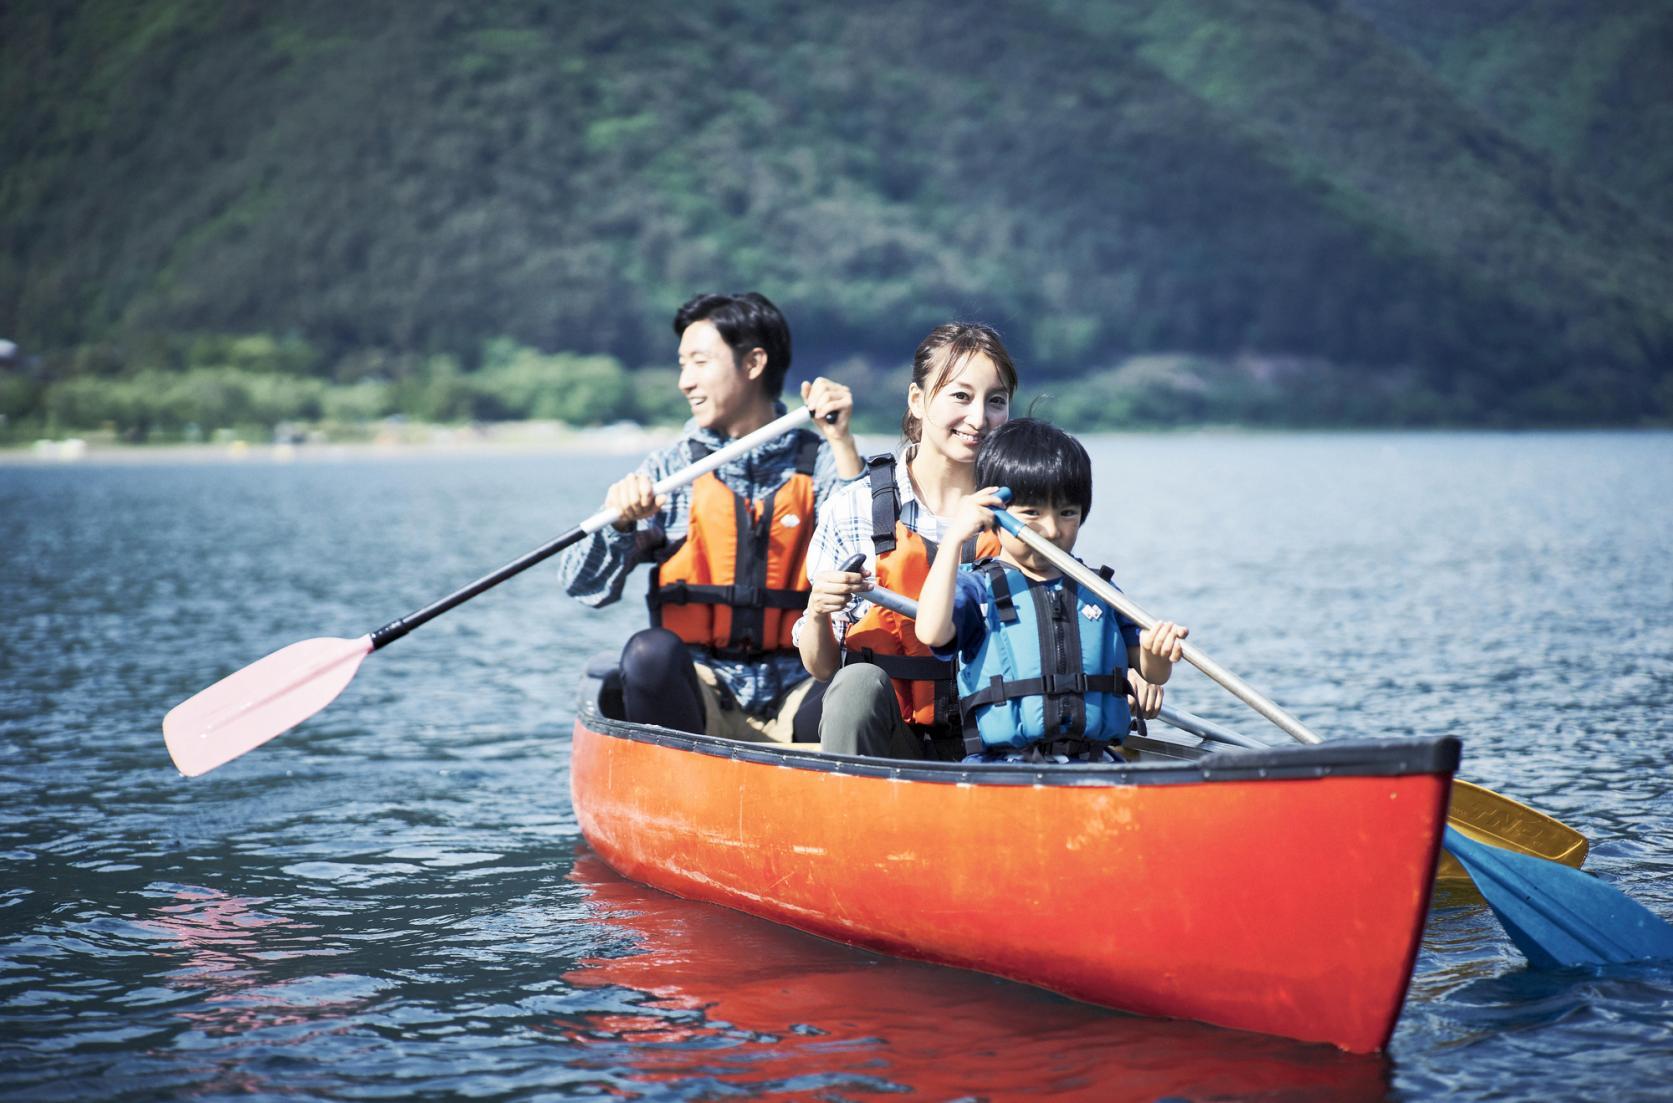 Enjoy water activities